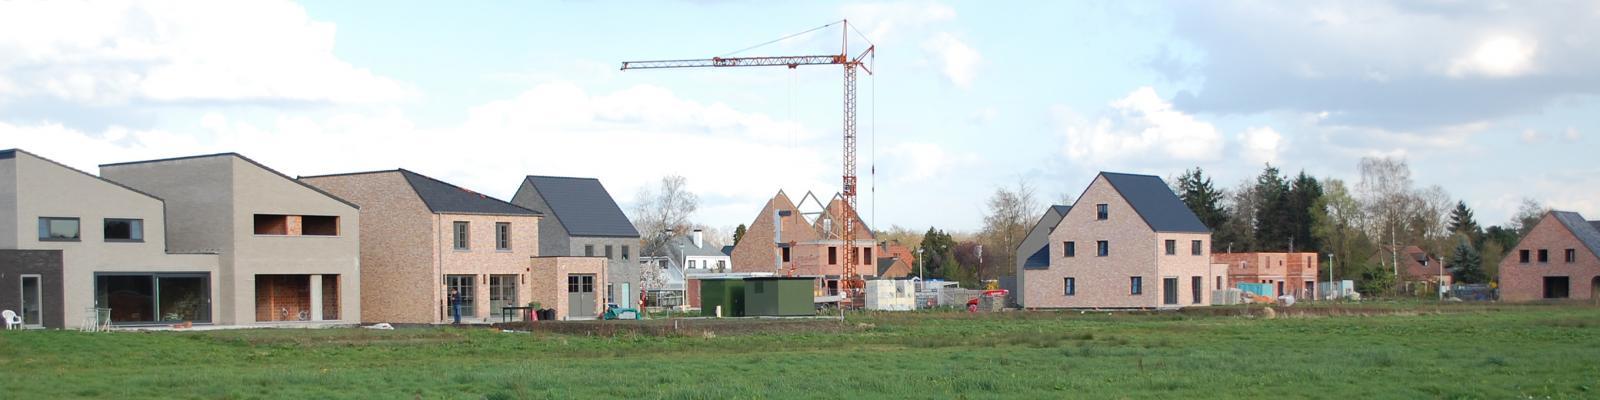 nieuwe huizenrij in aanbouw